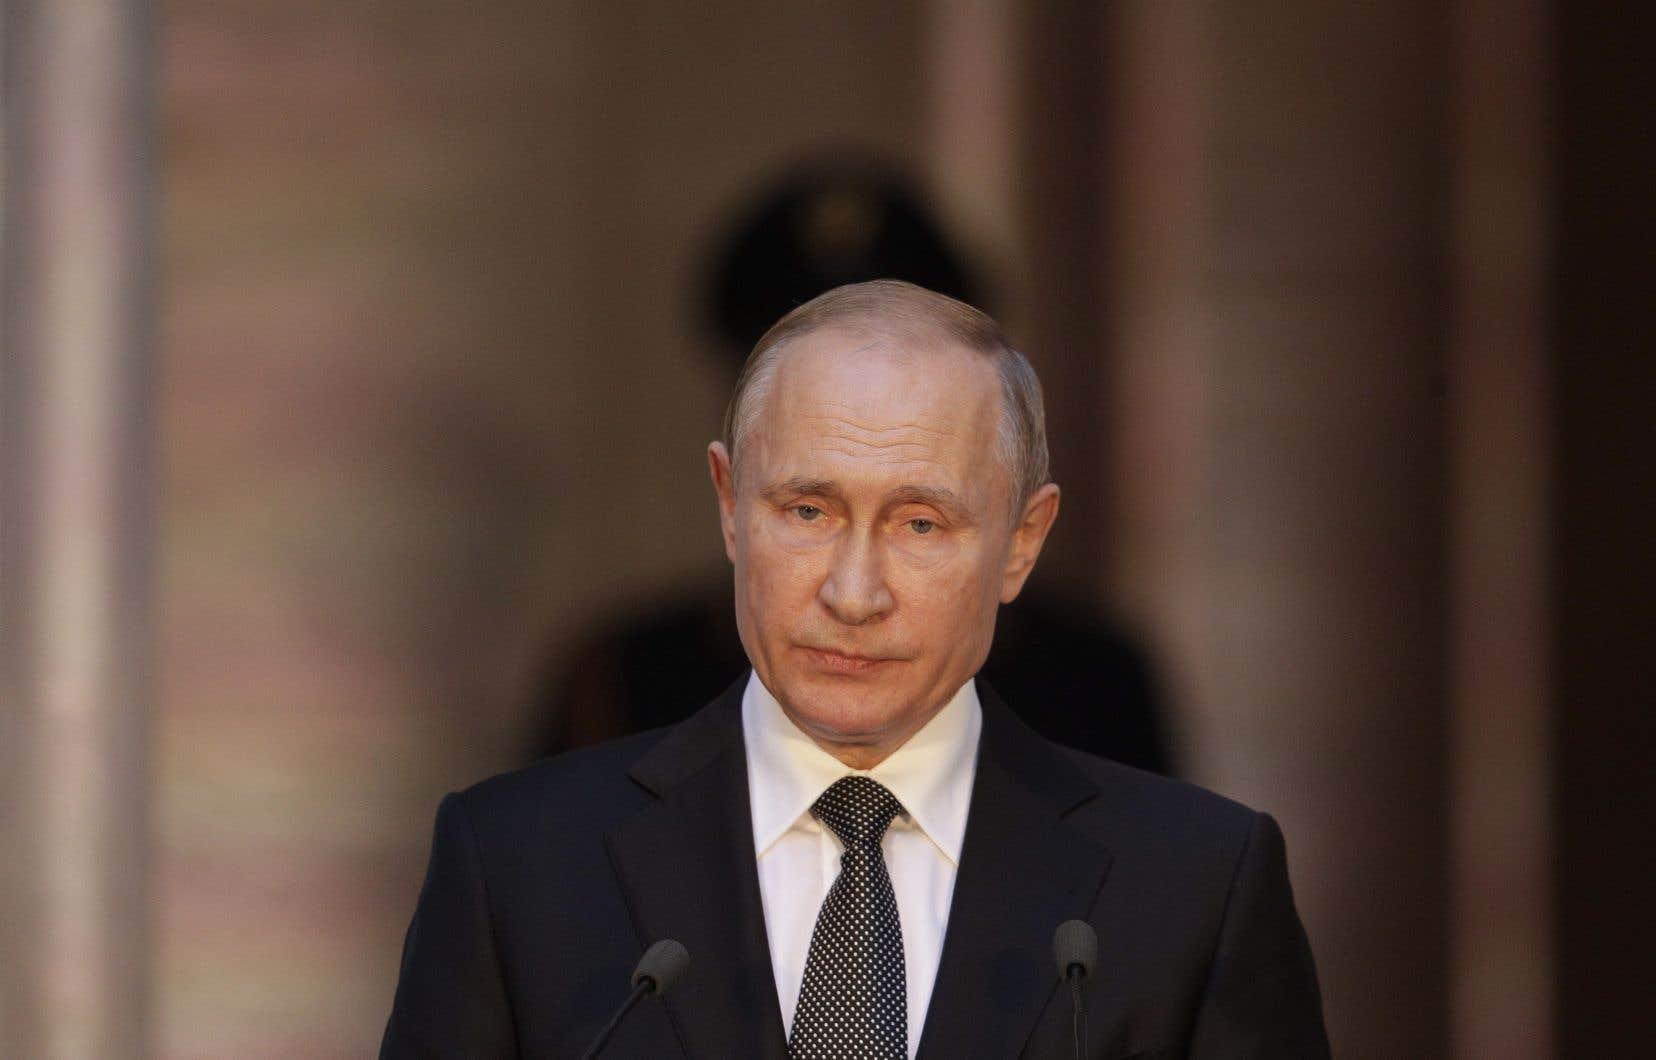 Le président russe, Vladimir Poutine, nage en plein paradoxe, selon l'auteur du texte.